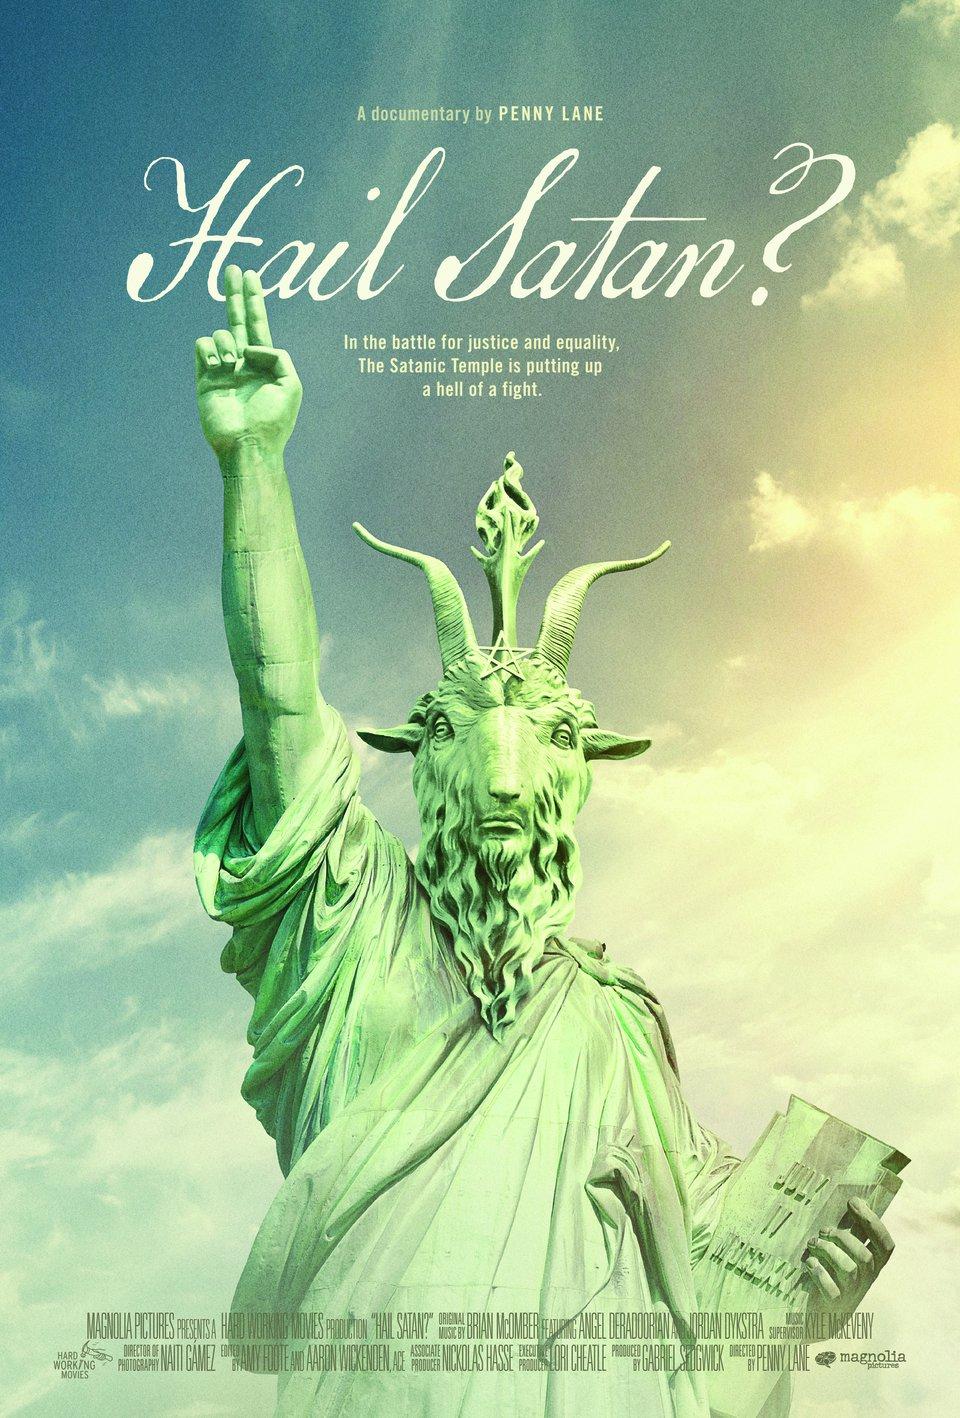 Hail Satan? 2019 U.S. One Sheet Poster